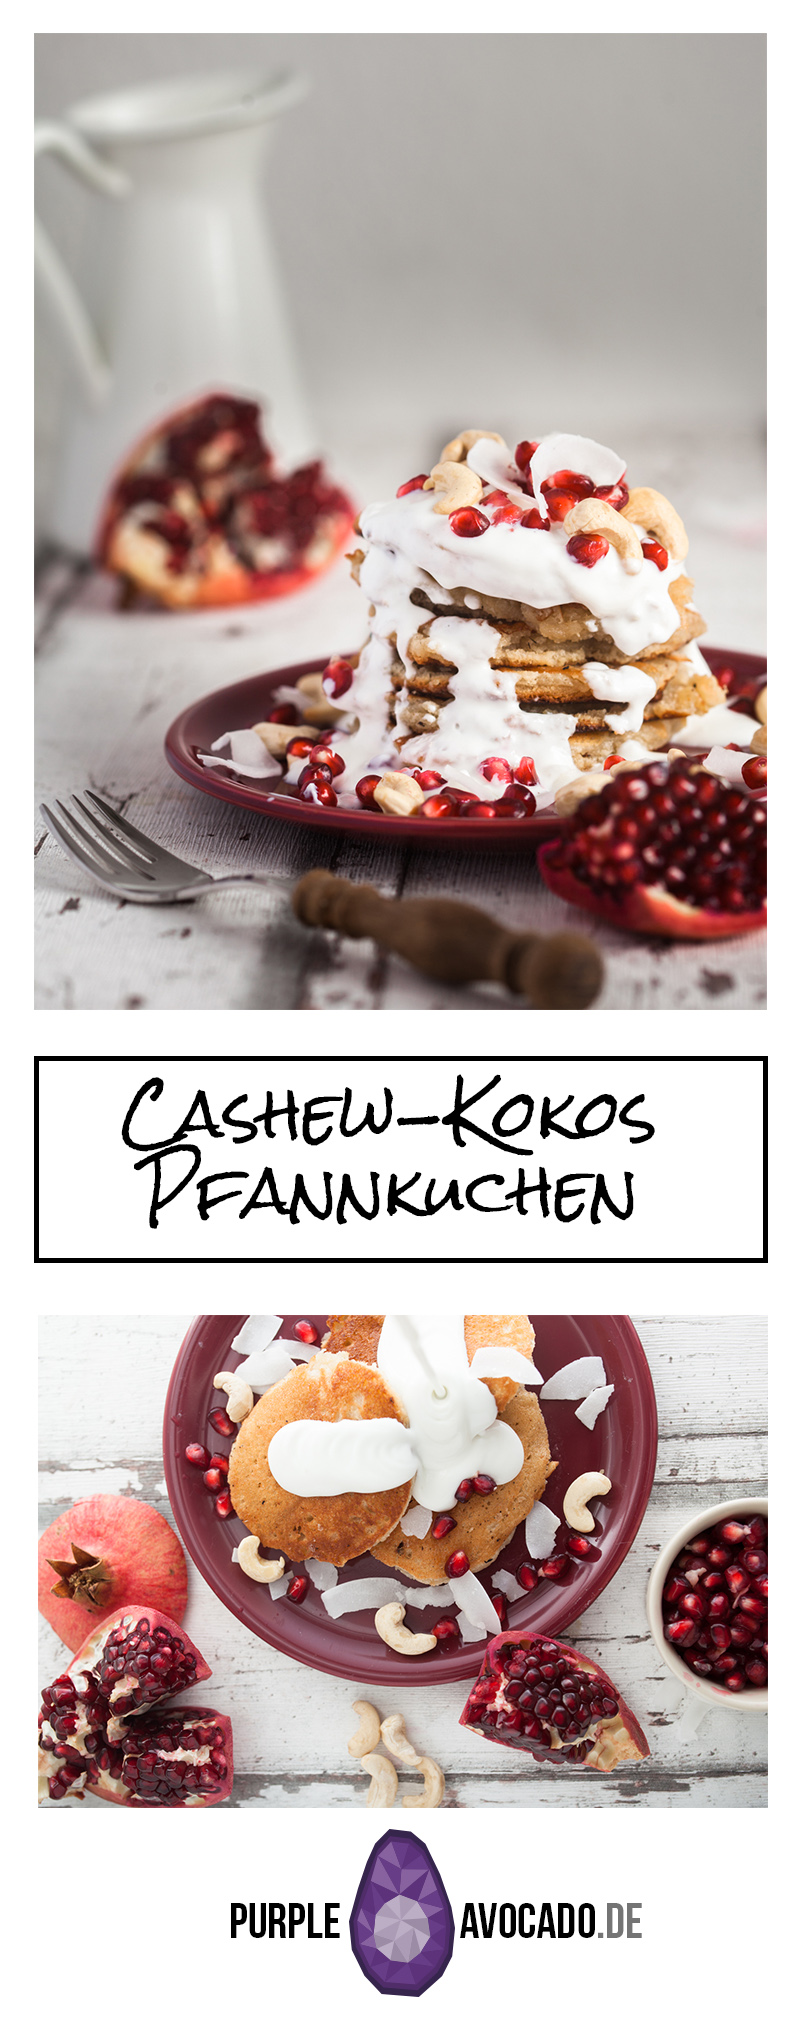 Rezept für Cashewbutter Kokosmilch Pfannkuchen mit einem Quark Kokos Topping, garniert mit Cashewkernen und Granatapfel. Foodstyling und Rezept von Purple Avocado / Sabrina Dietz